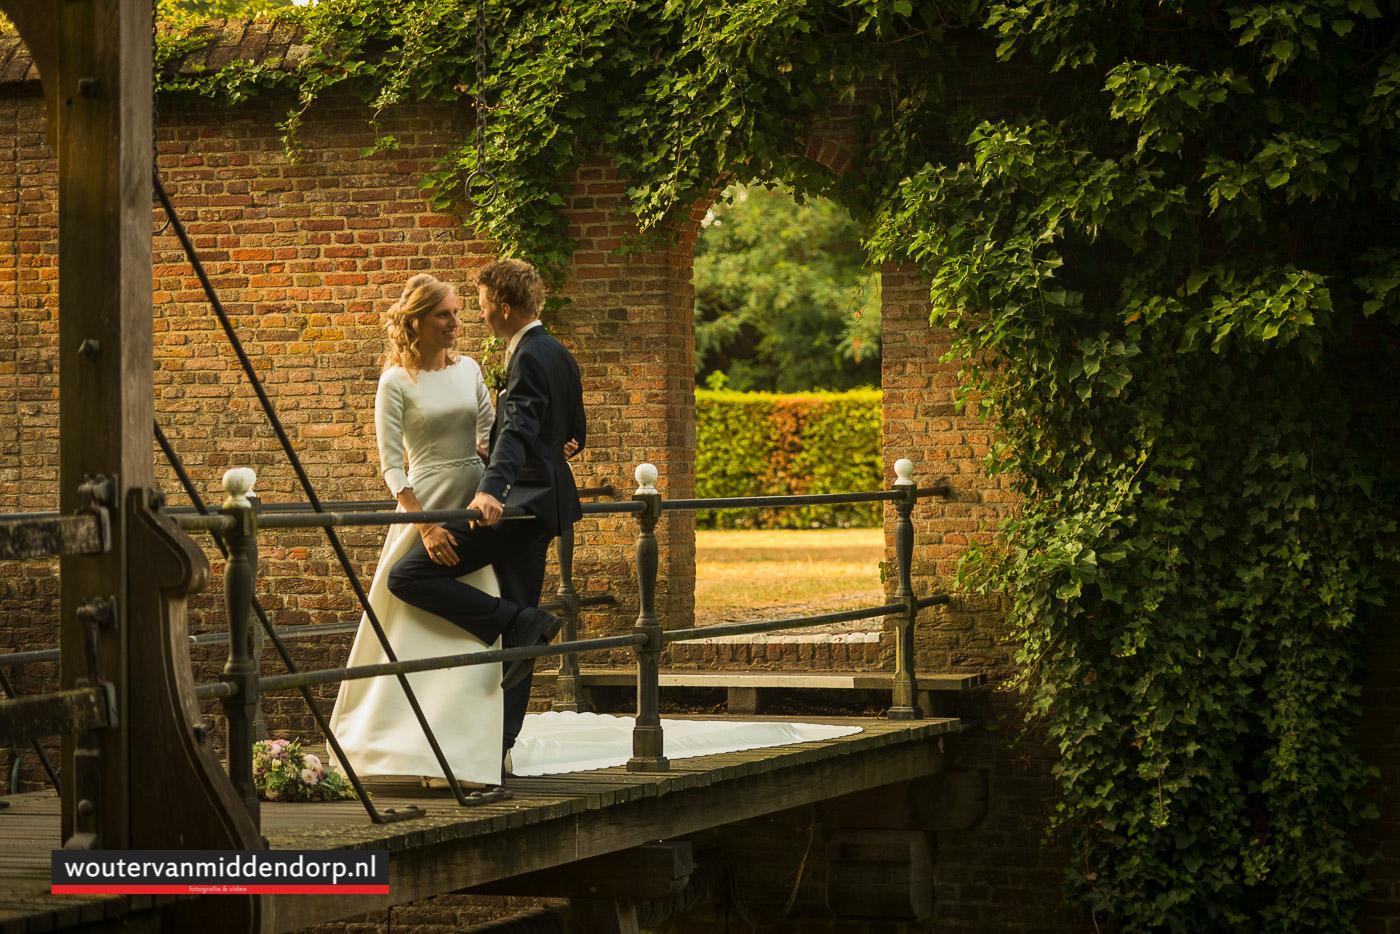 bruidsfotografie Wouter van Middendorp Uddel, Harskamp, Lunteren, Barneveld, fotograaf-14